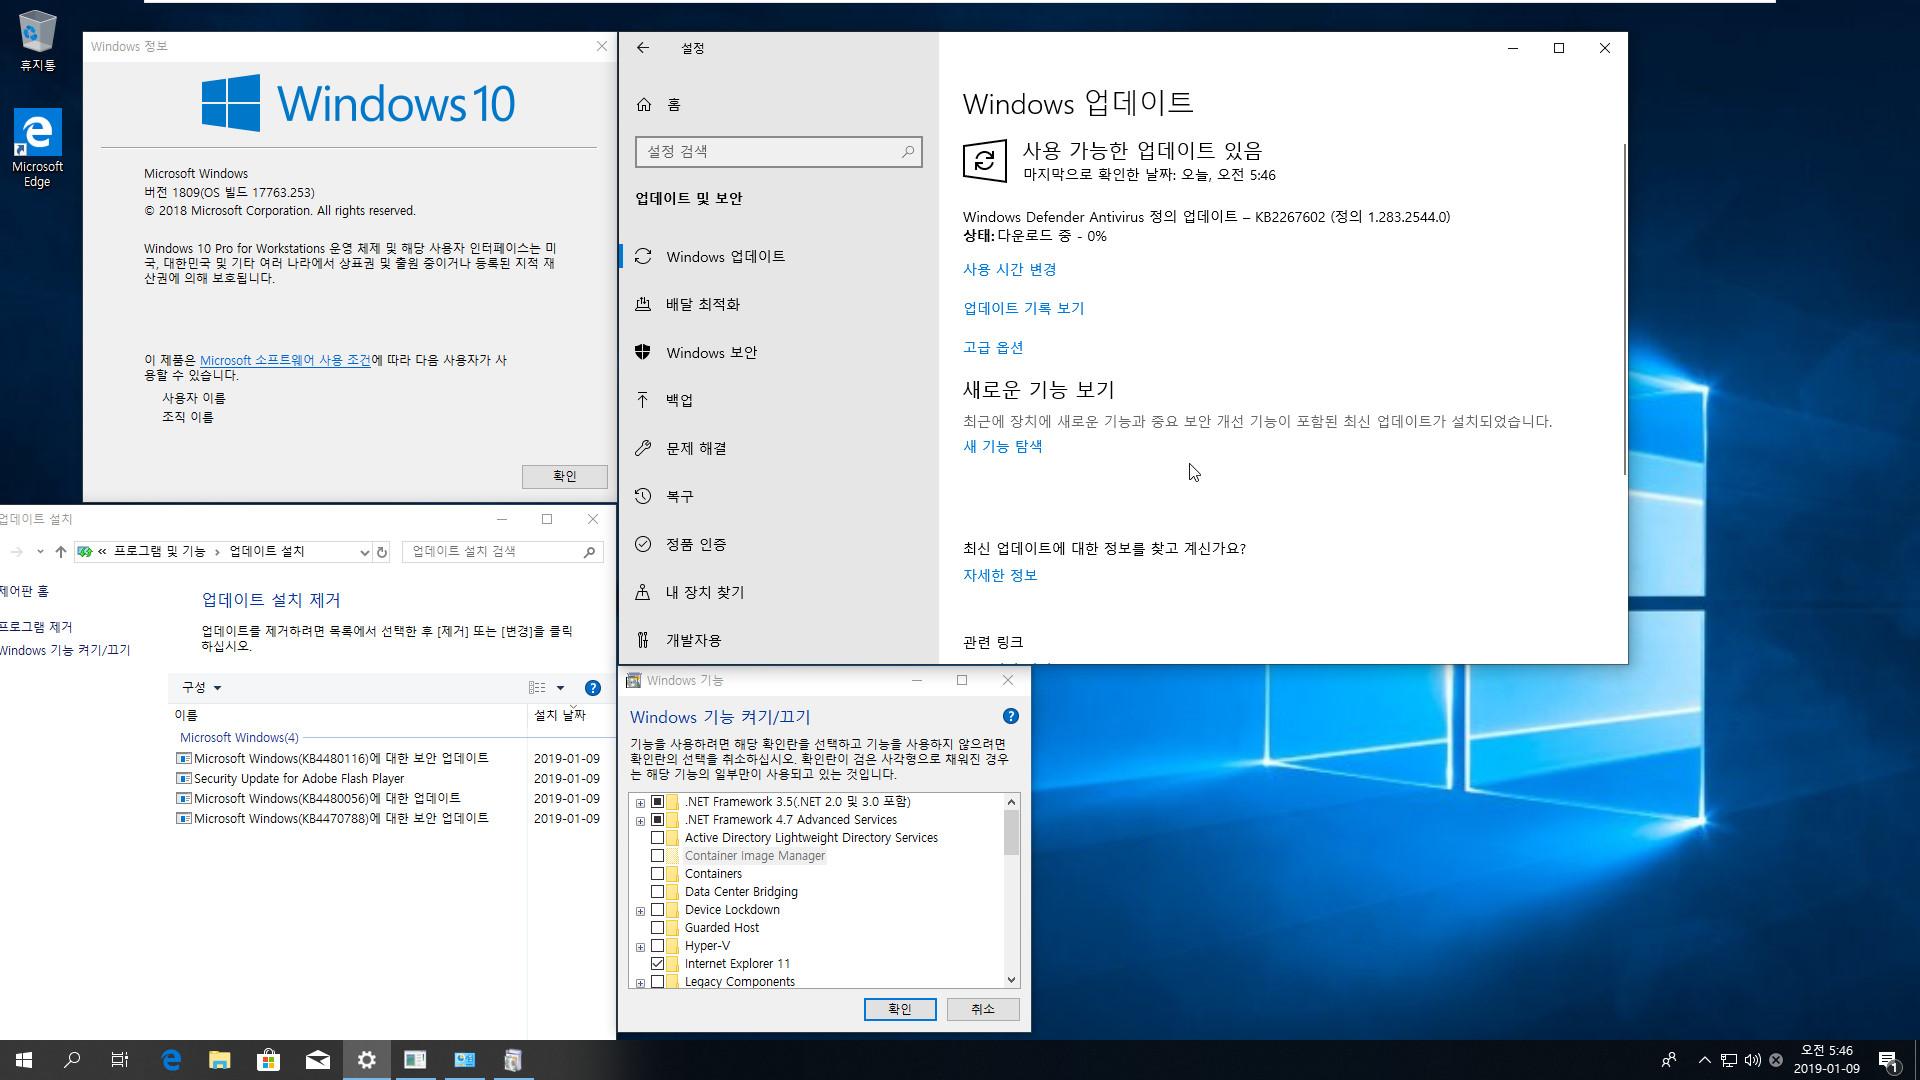 2019년 1월 9일 정기 업데이트 나왔네요 - Windows 10 버전1809용 누적 업데이트 KB4480116 (OS 빌드 17763.253) 통합중 입니다 2019-01-09_054646.jpg